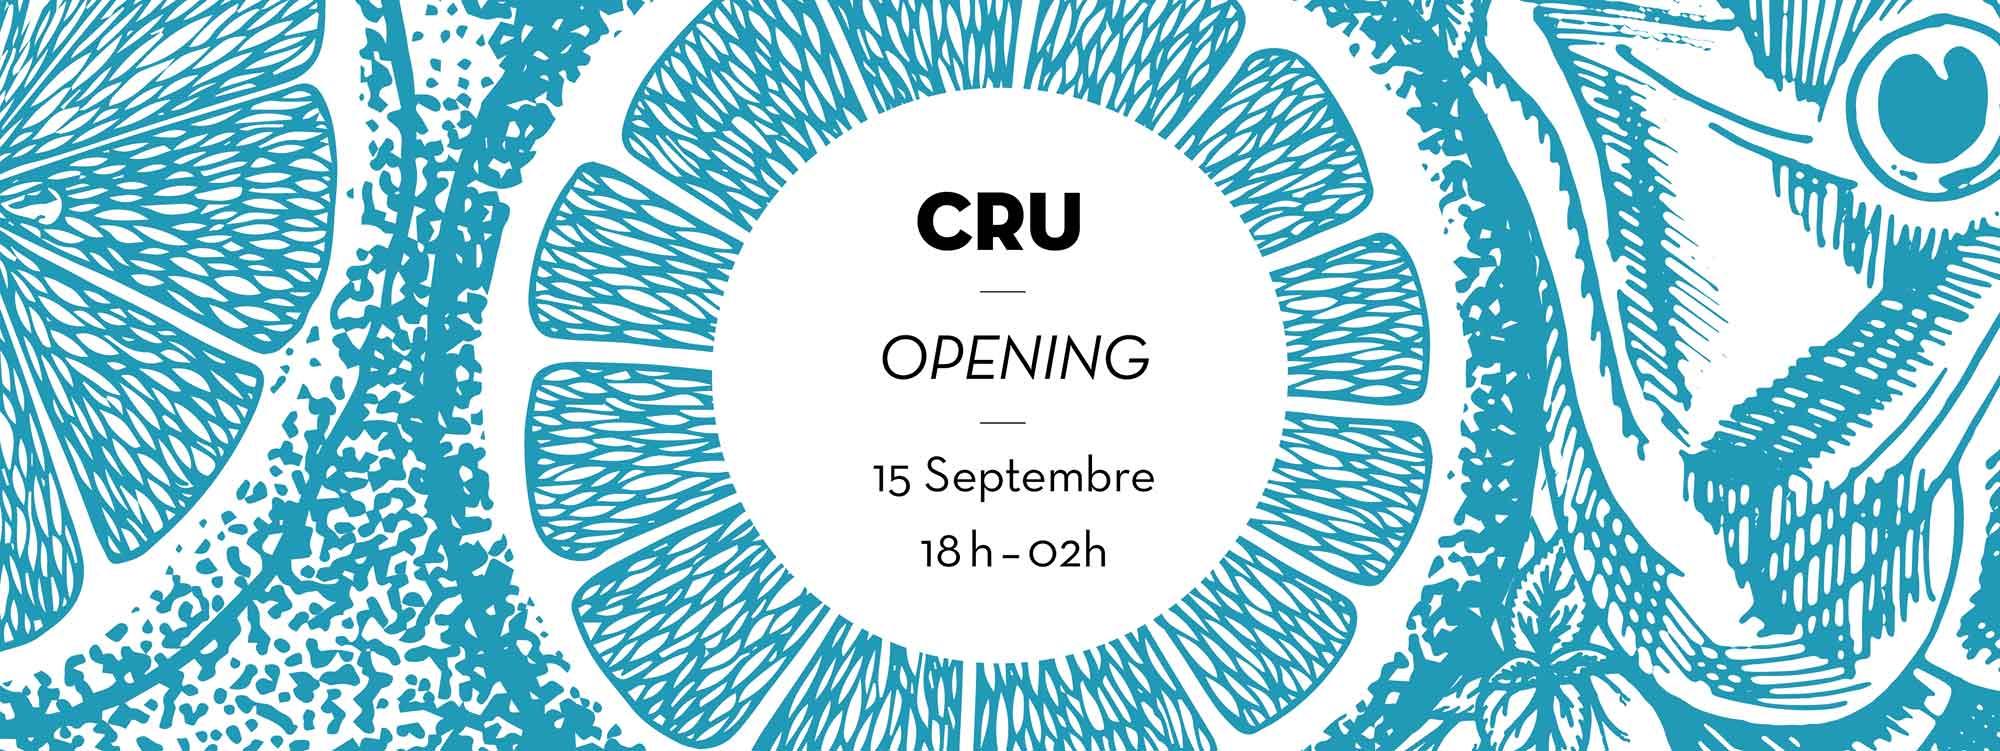 Juliette Seban – Cru restaurant – branding – flyer